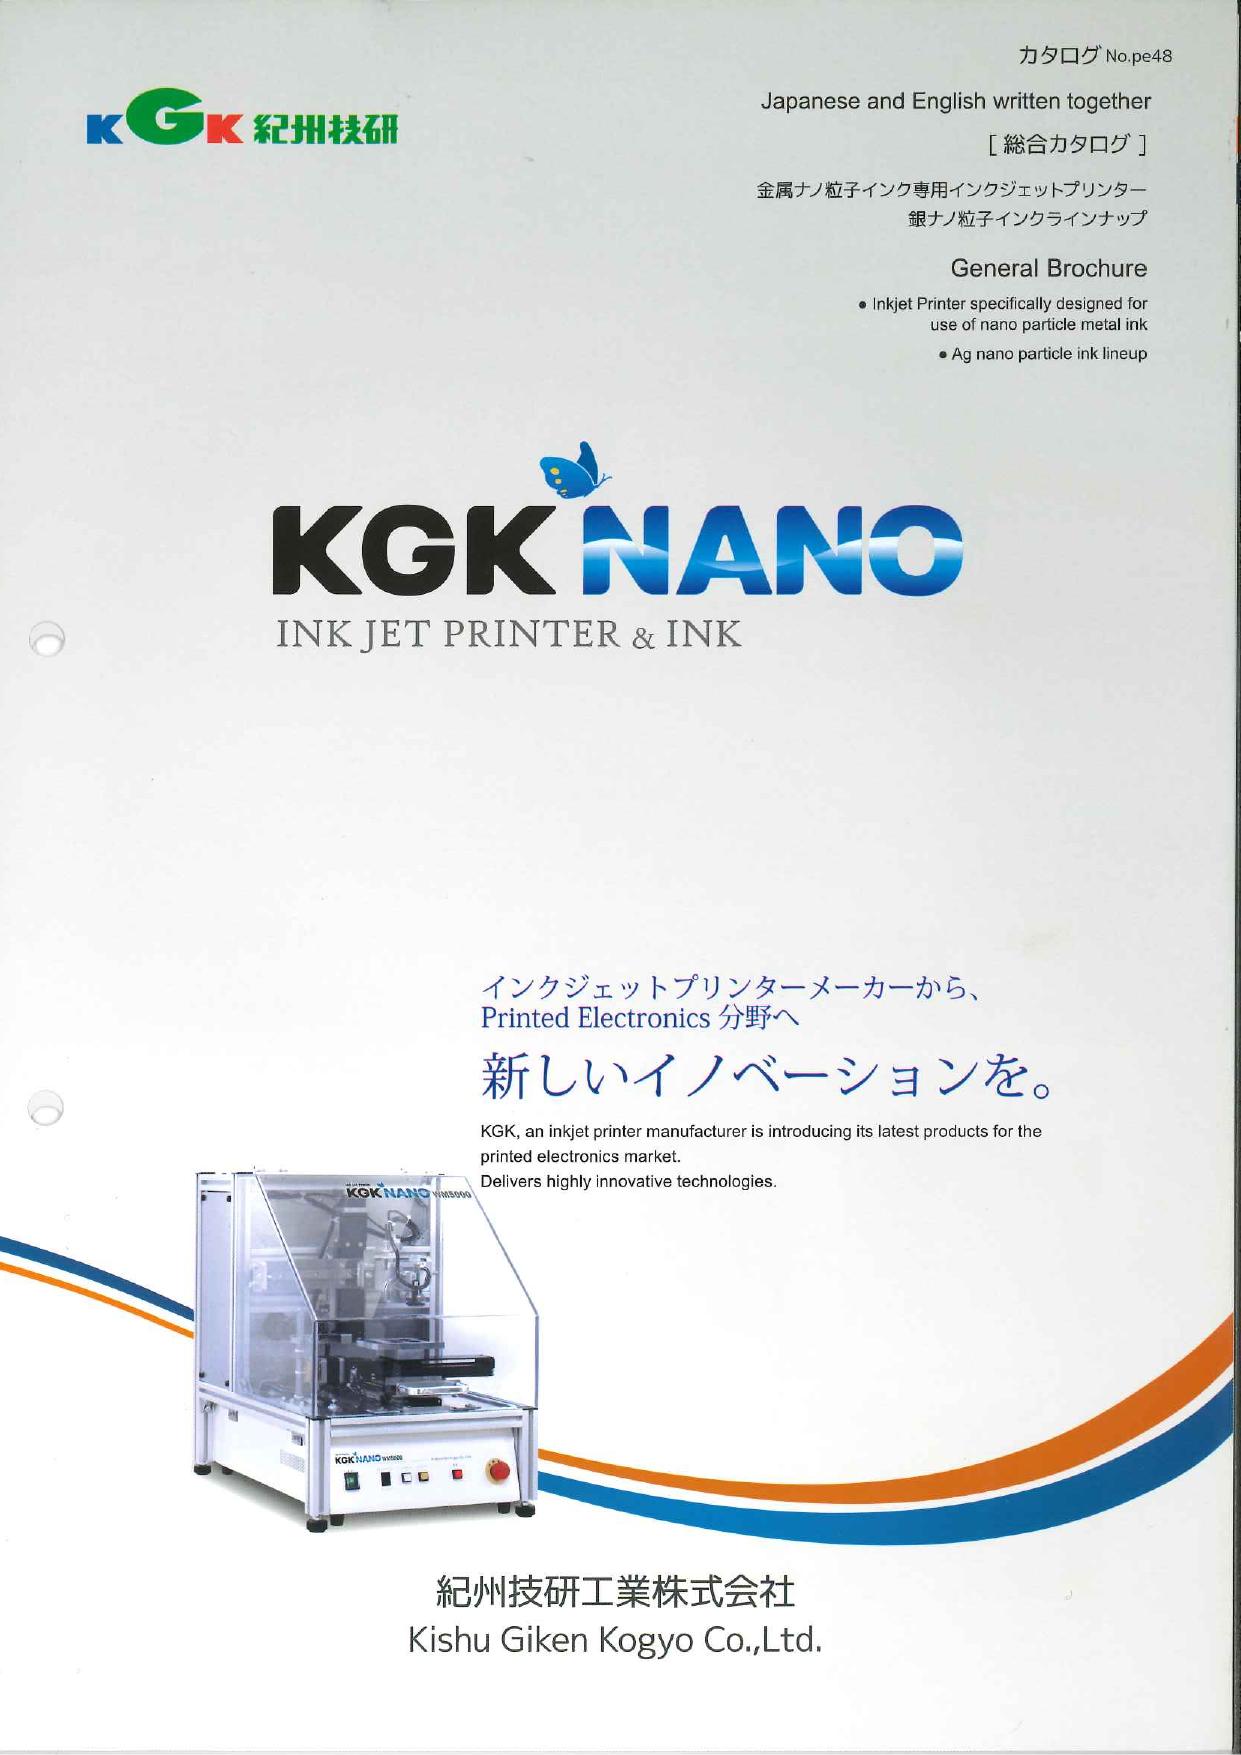 インクジェットプリンター/銀ナノインク 総合カタログ